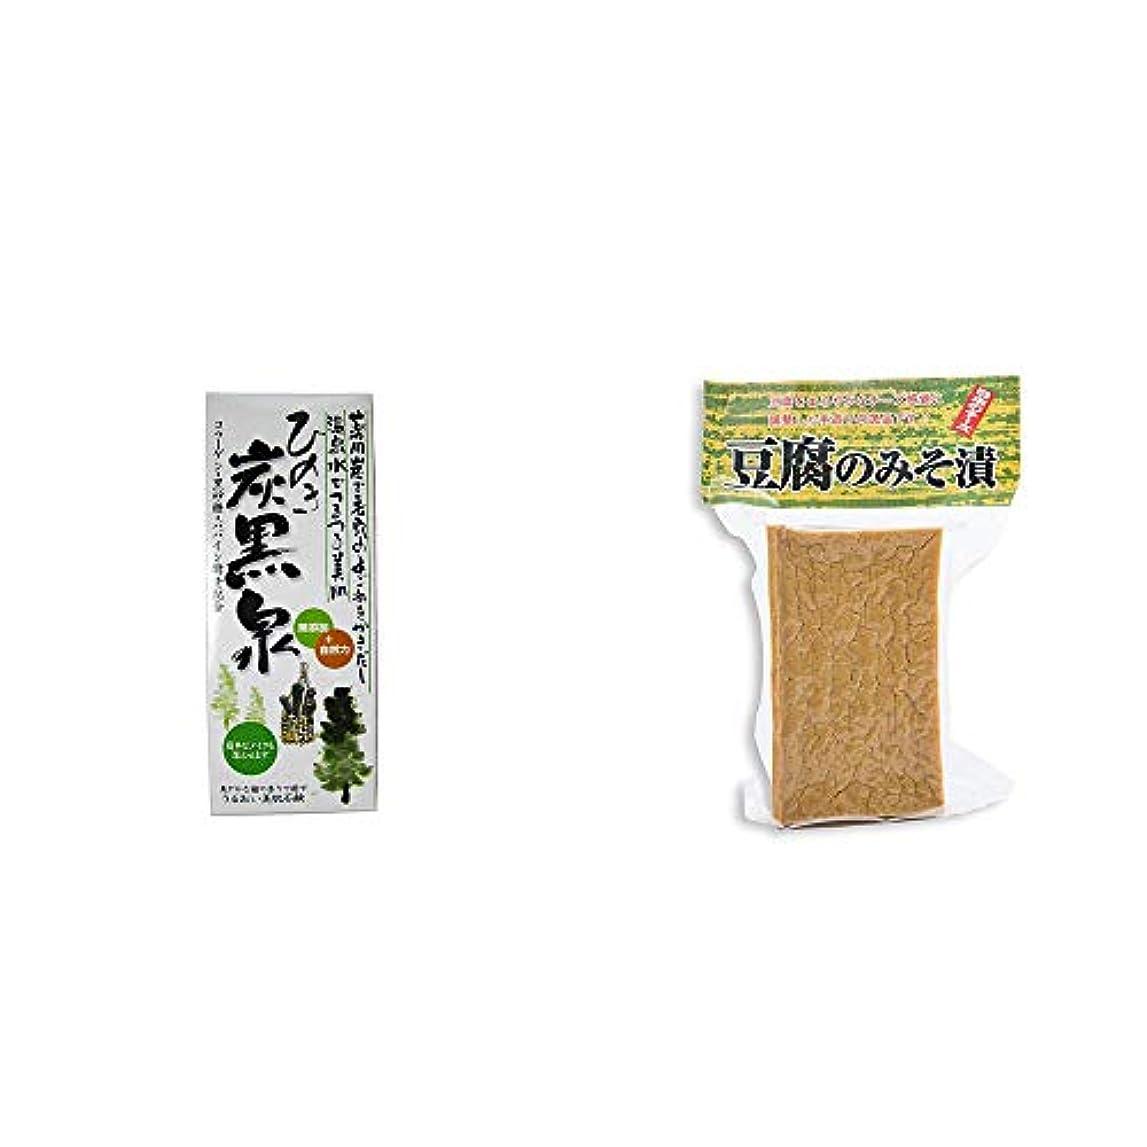 ソーシャルコンソールバルーン[2点セット] ひのき炭黒泉 箱入り(75g×3)?日本のチーズ 豆腐のみそ漬(1個入)